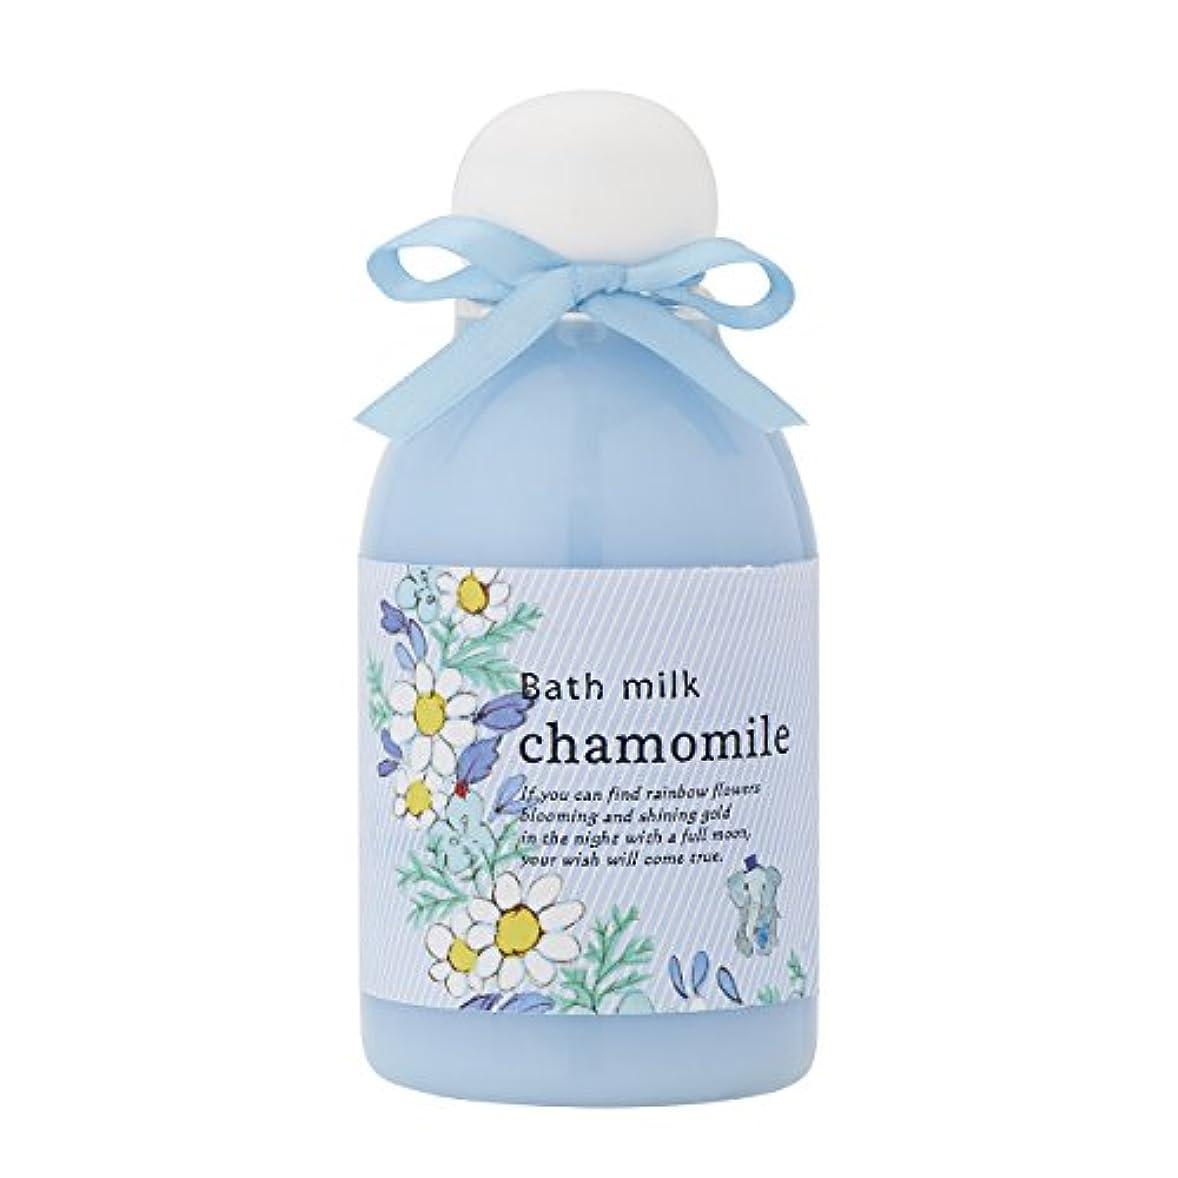 ブレース崇拝するただやるサンハーブ バスミルク カモマイル 200ml(バブルバスタイプ入浴料 泡風呂 やさしく穏やかな甘い香り)